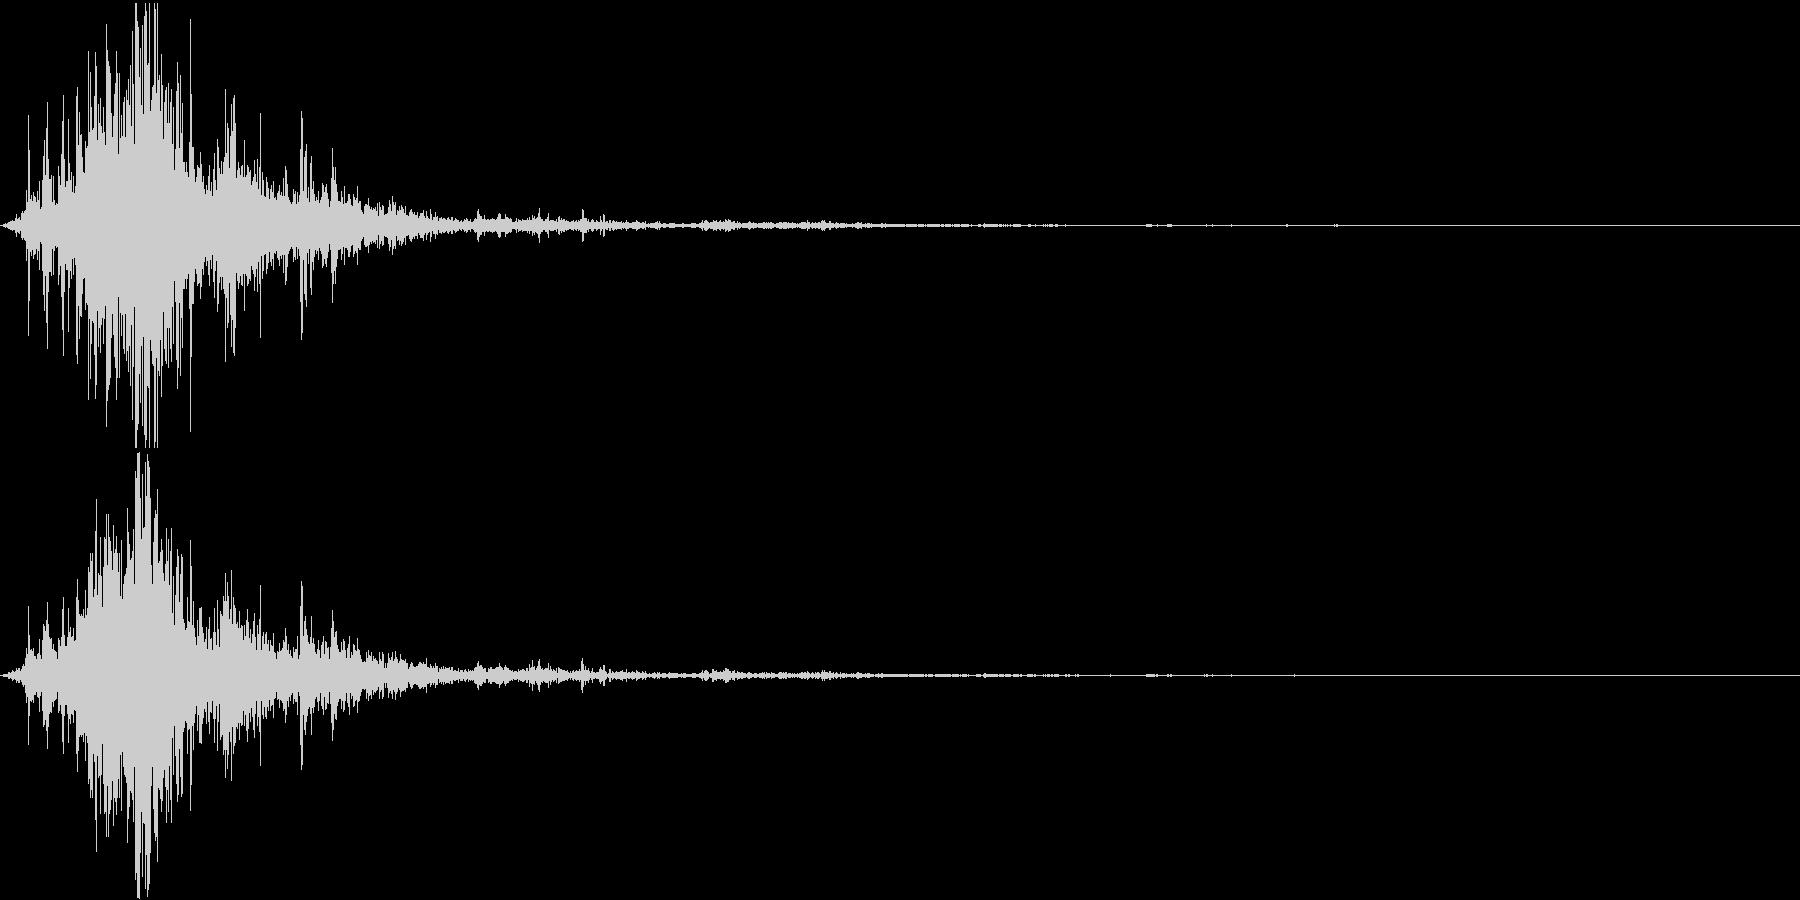 【自然音】カミナリ「ゴロゴロ、ピシャ」の未再生の波形